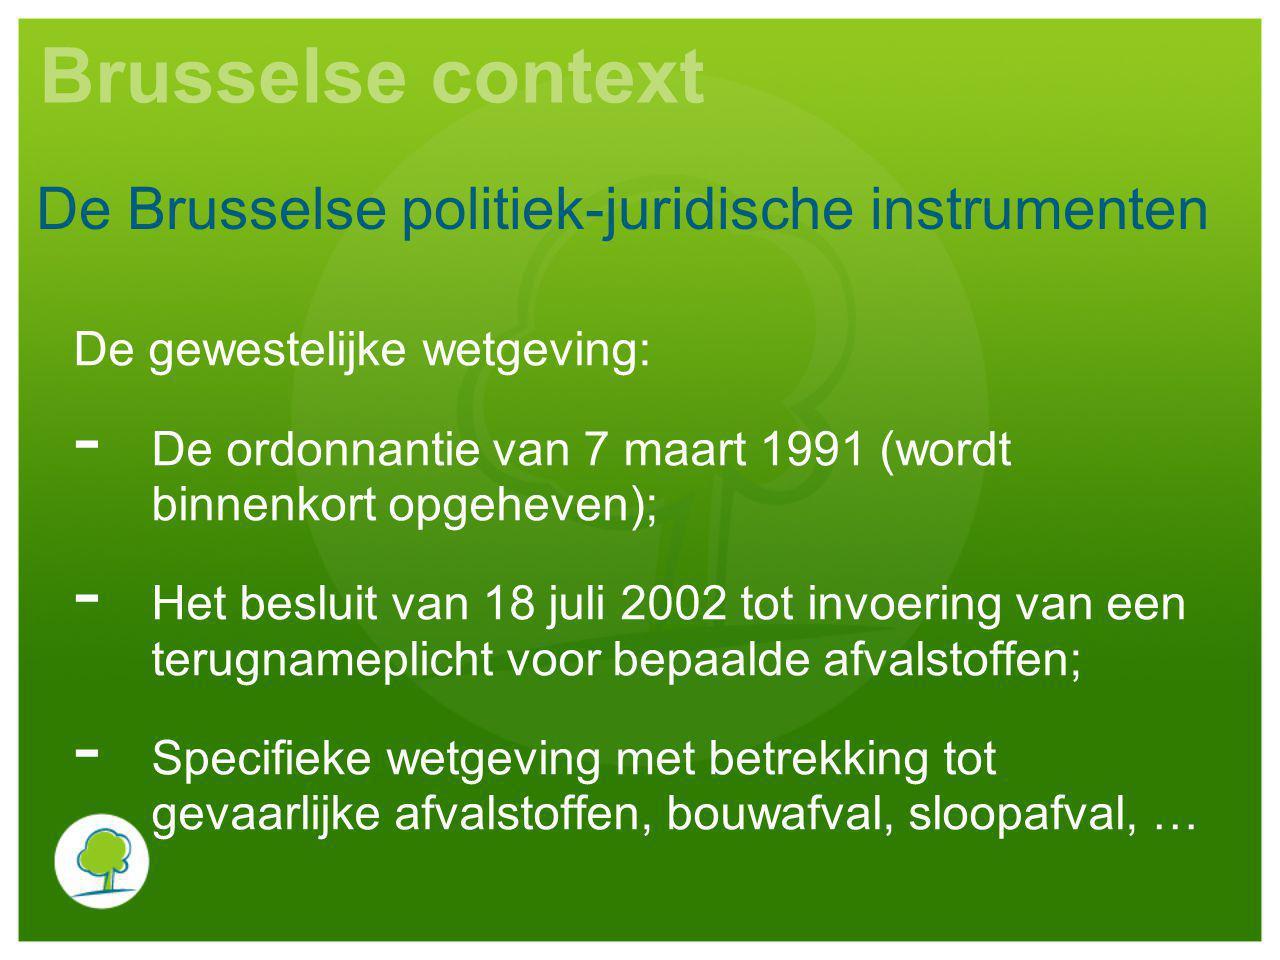 Brusselse context De gewestelijke wetgeving: - De ordonnantie van 7 maart 1991 (wordt binnenkort opgeheven); - Het besluit van 18 juli 2002 tot invoer